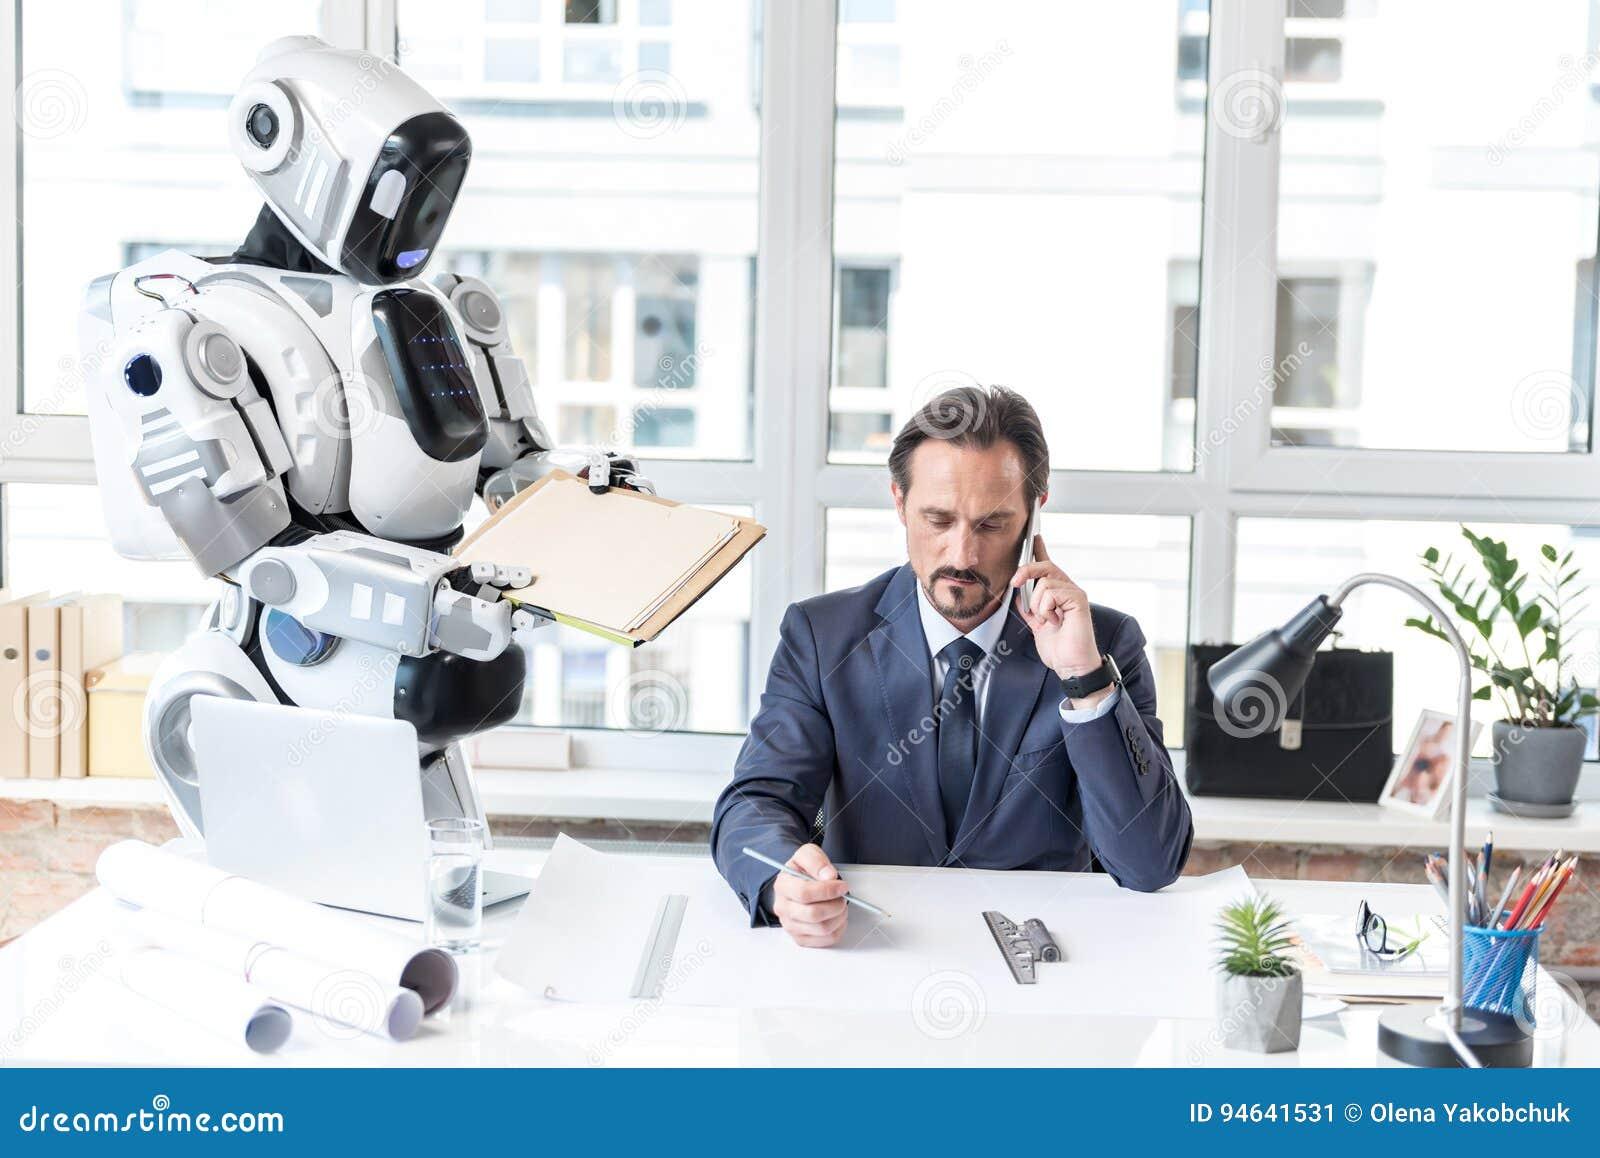 31b0bdf5bb545 El Empleado Ocupado Está Trabajando En Oficina Imagen de archivo ...